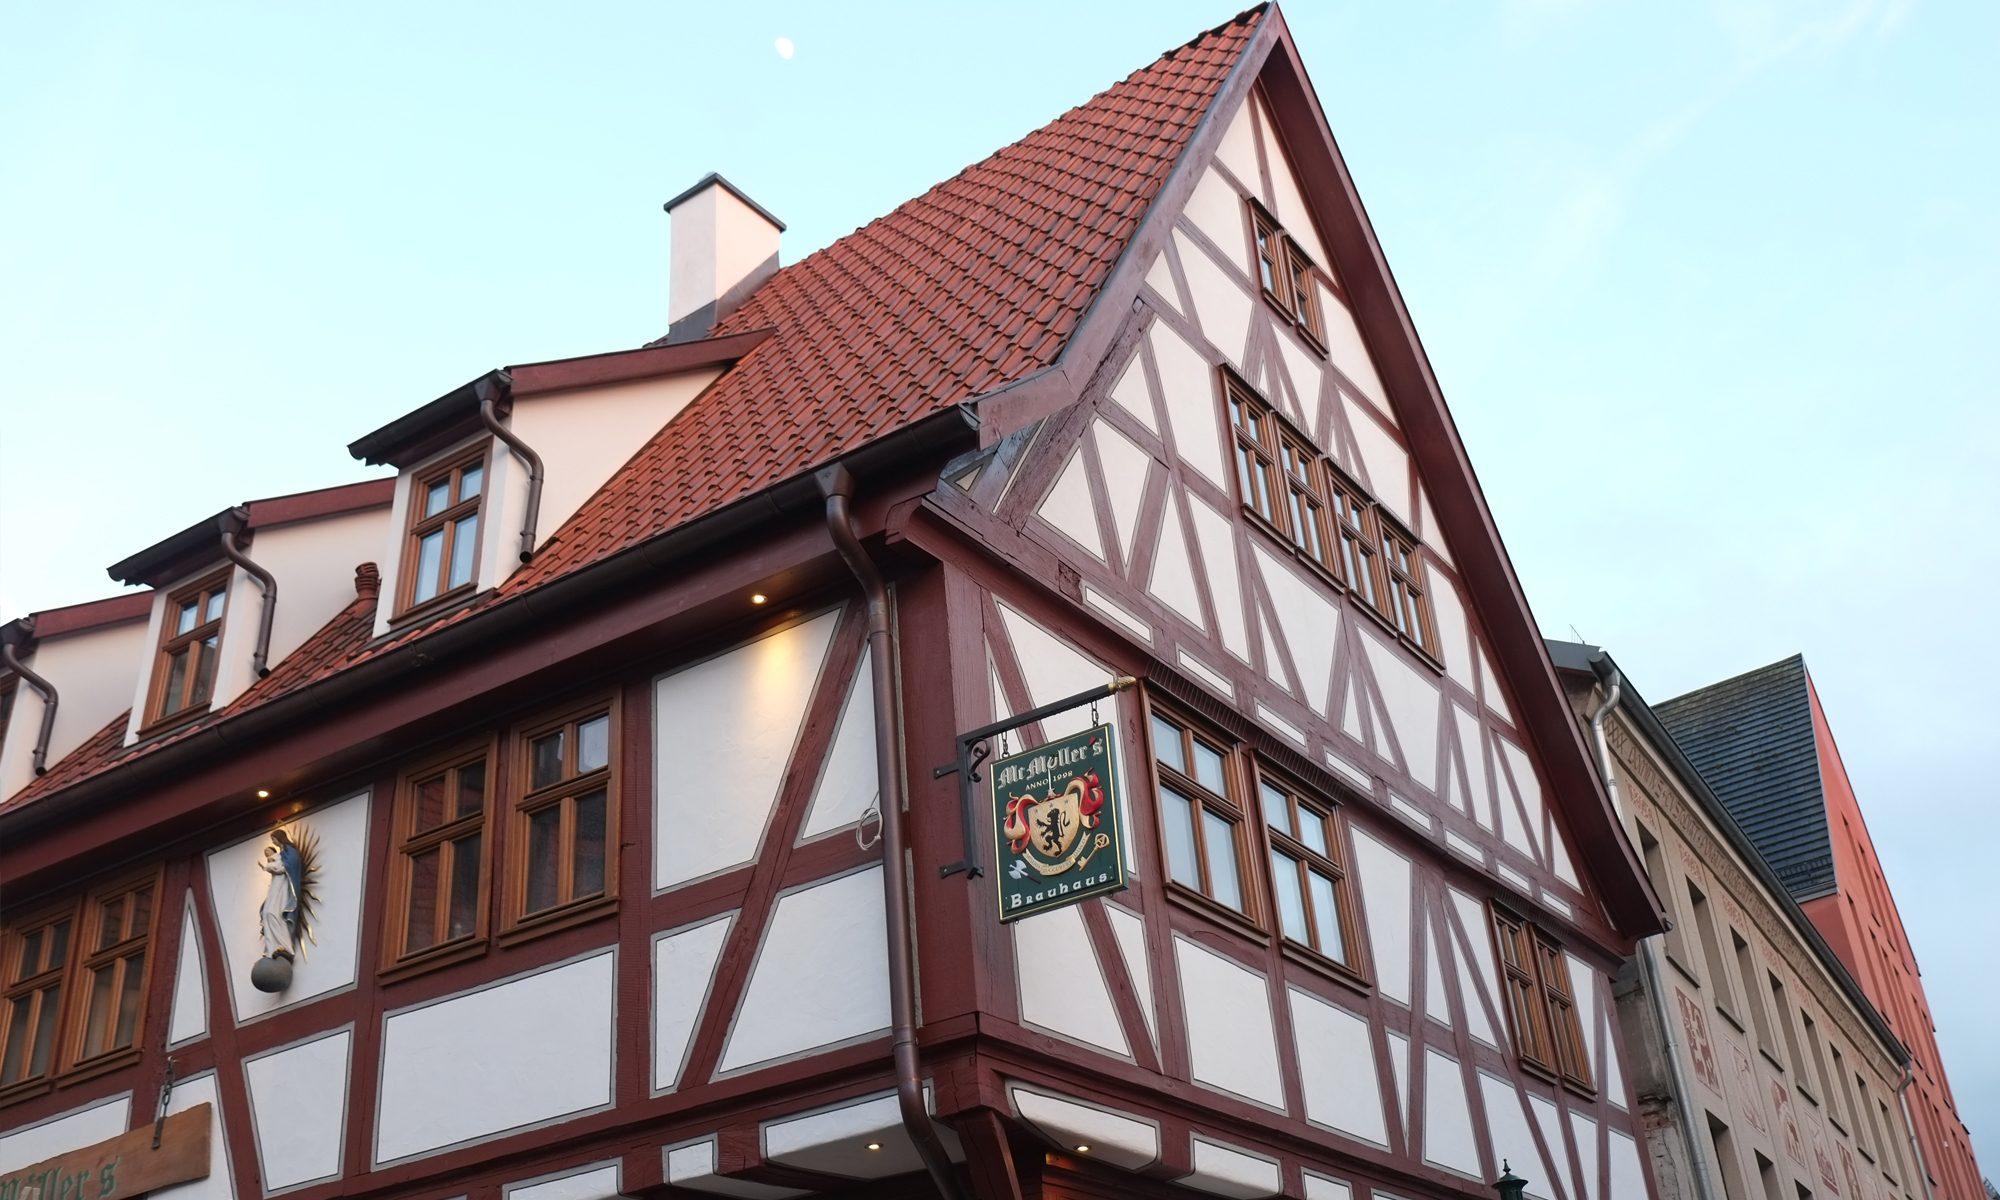 Alte Schmiede Fulda